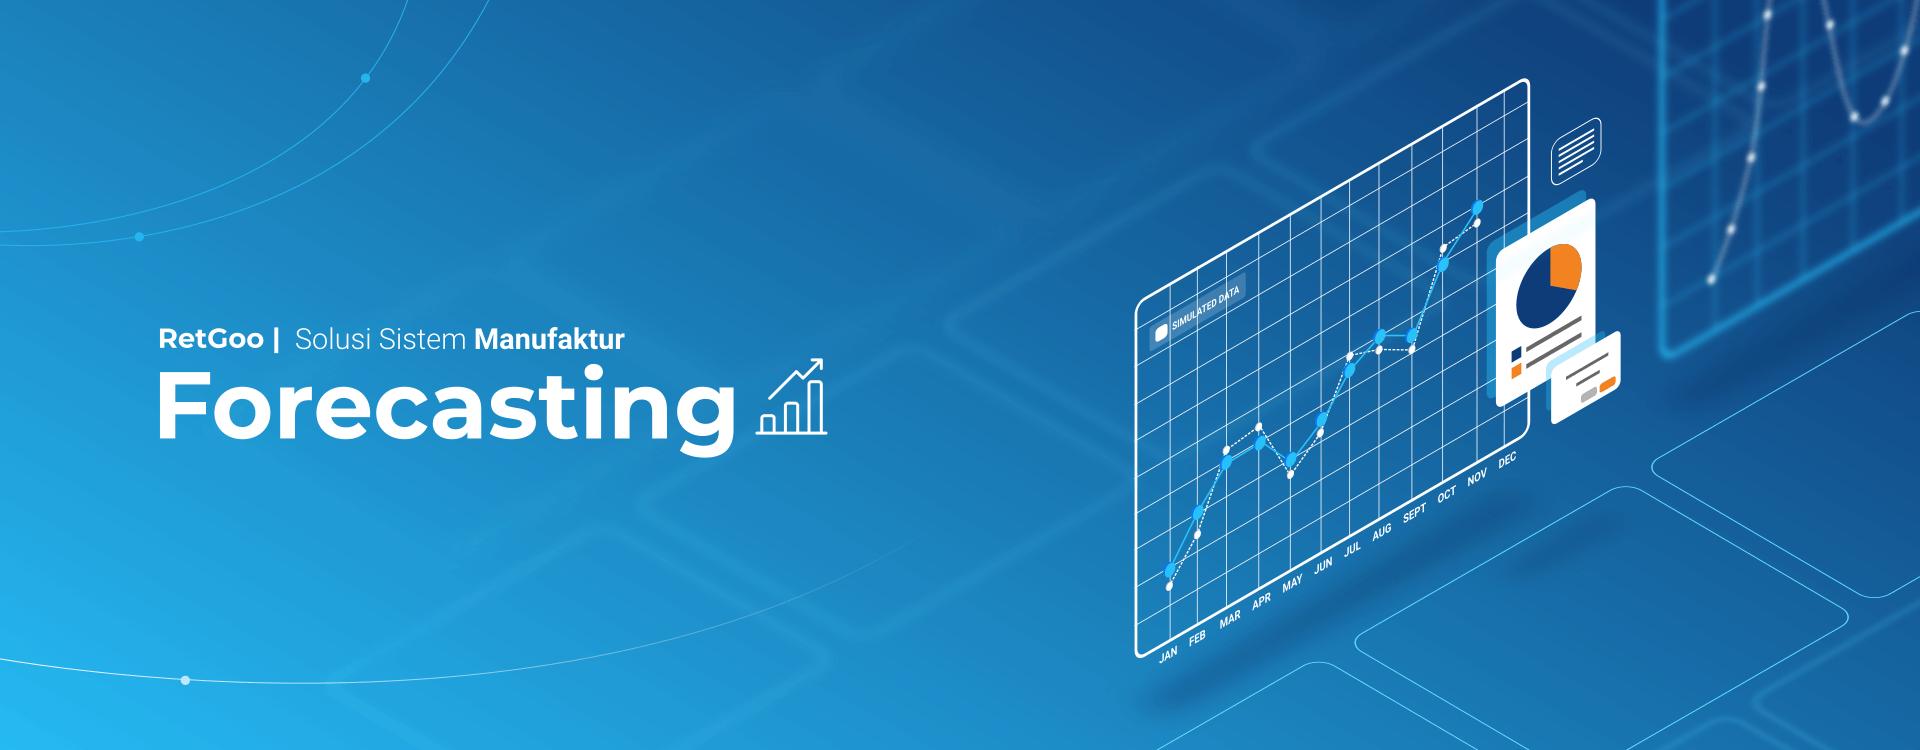 header - MFKTR Forecasting